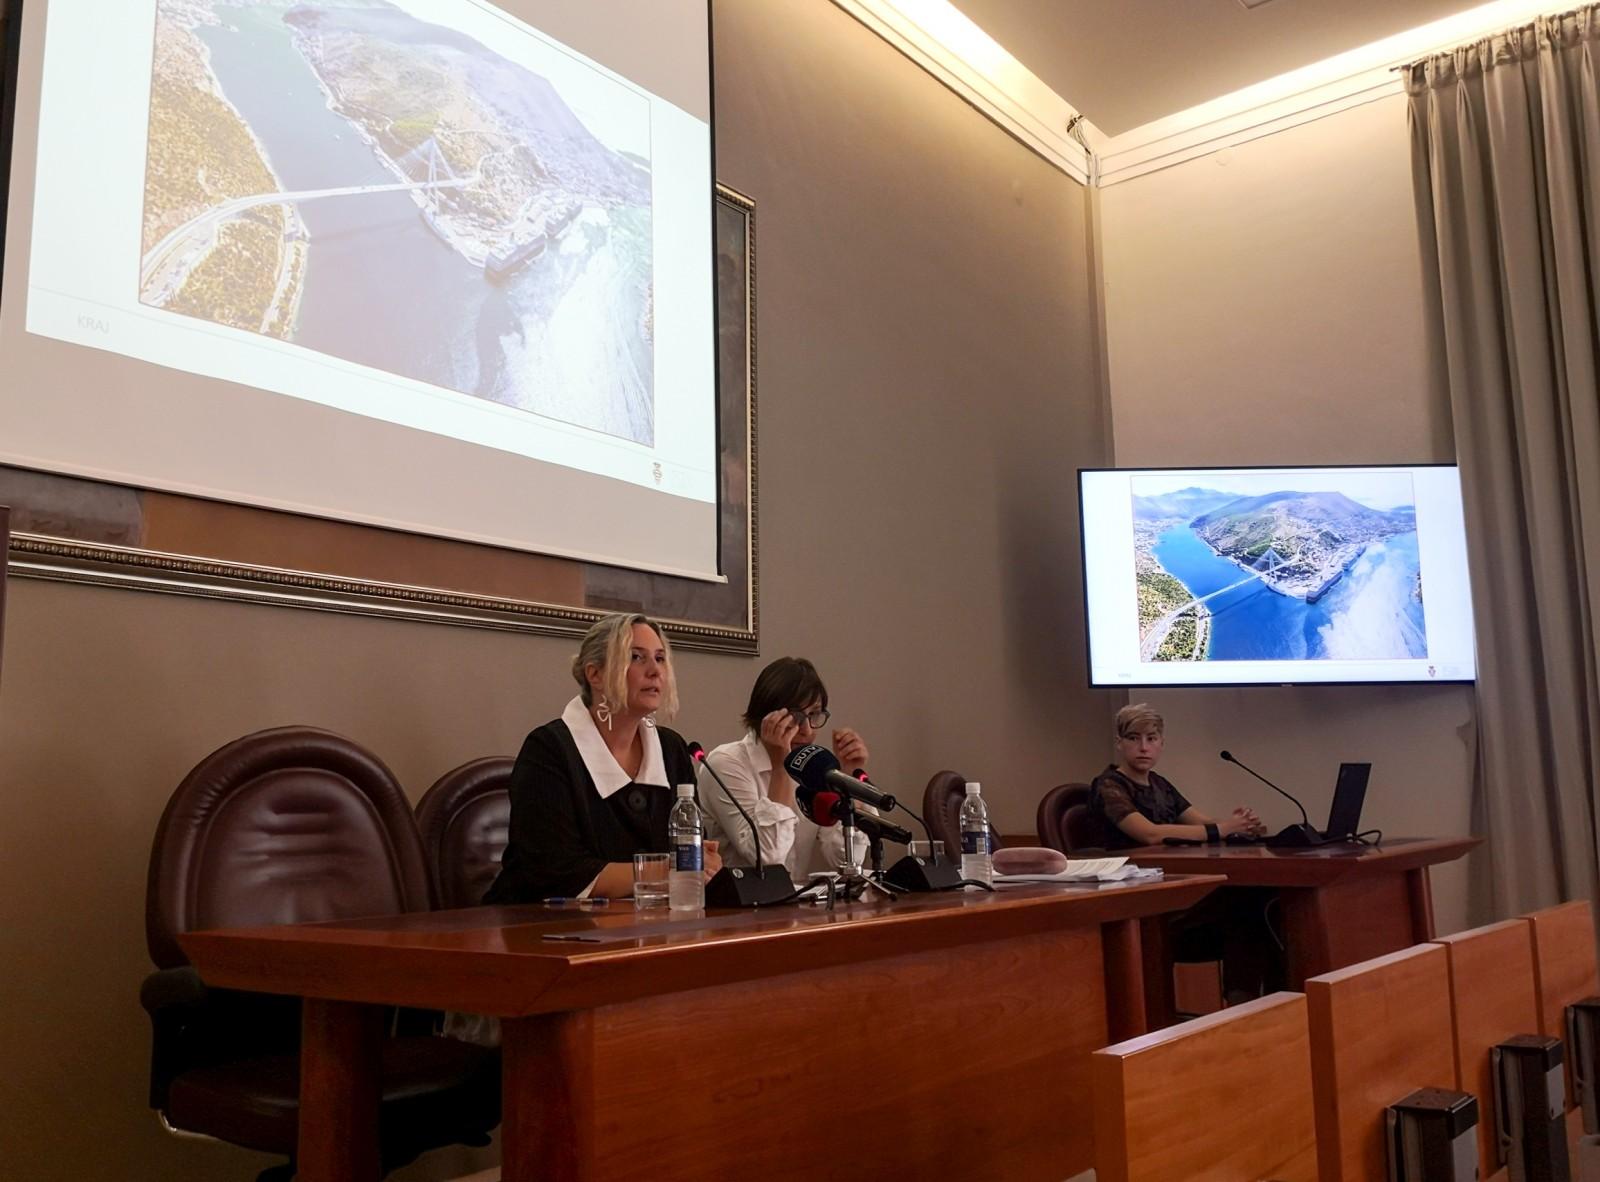 Održano javno izlaganje o Prijedlogu IV. Izmjena i dopuna Generalnog urbanističkog plana Grada Dubrovnika u sklopu Ponovne javne rasprave